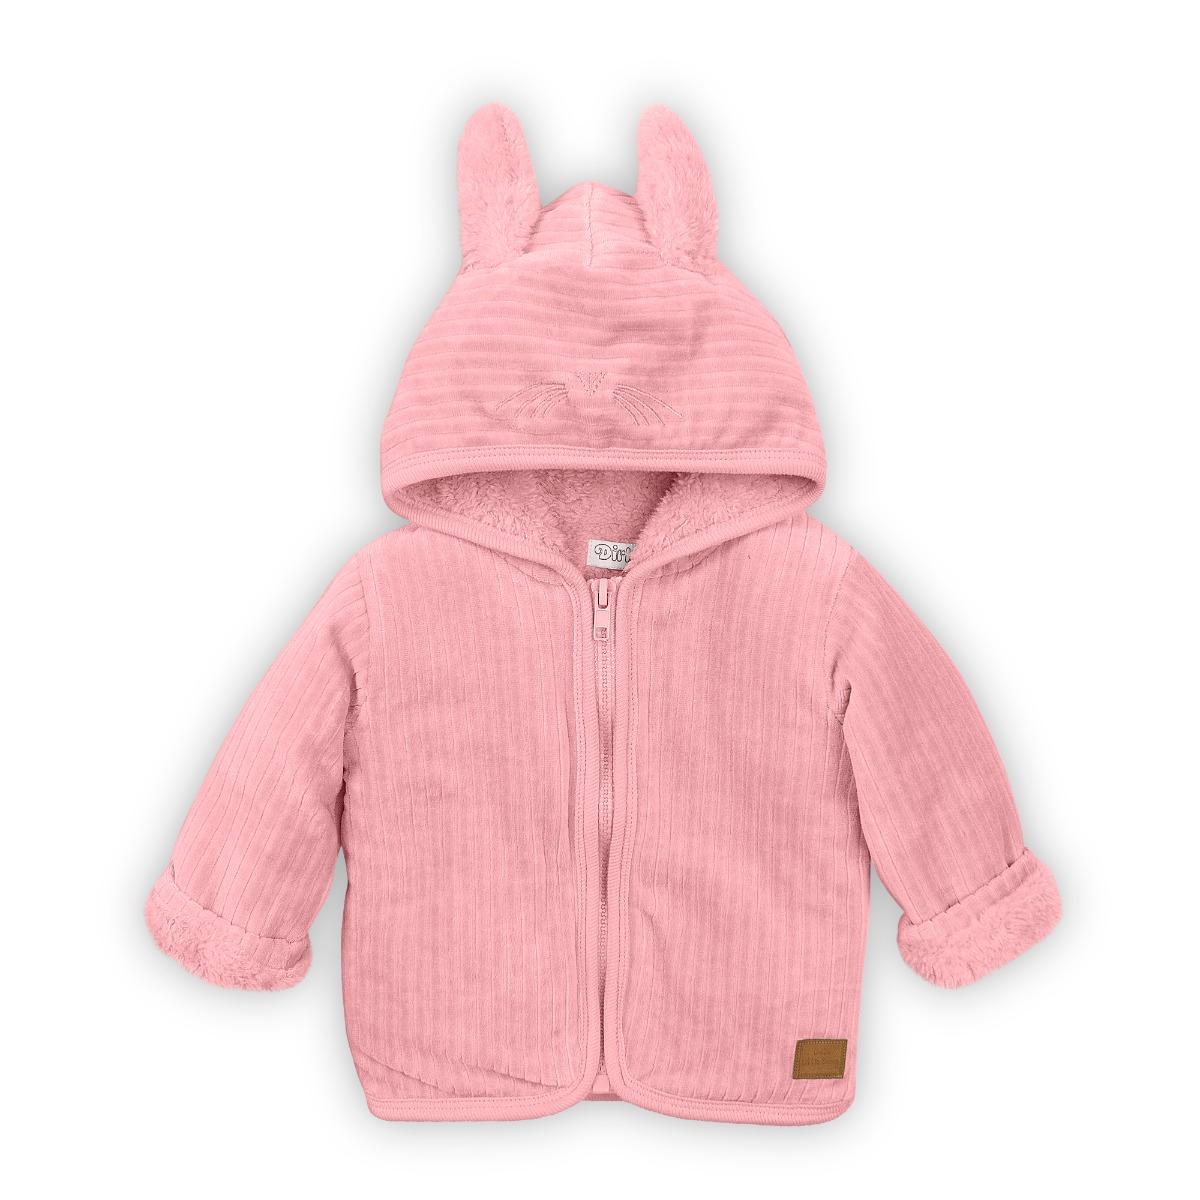 Jacheta bebe Cute Little Bunny Dirkje imagine